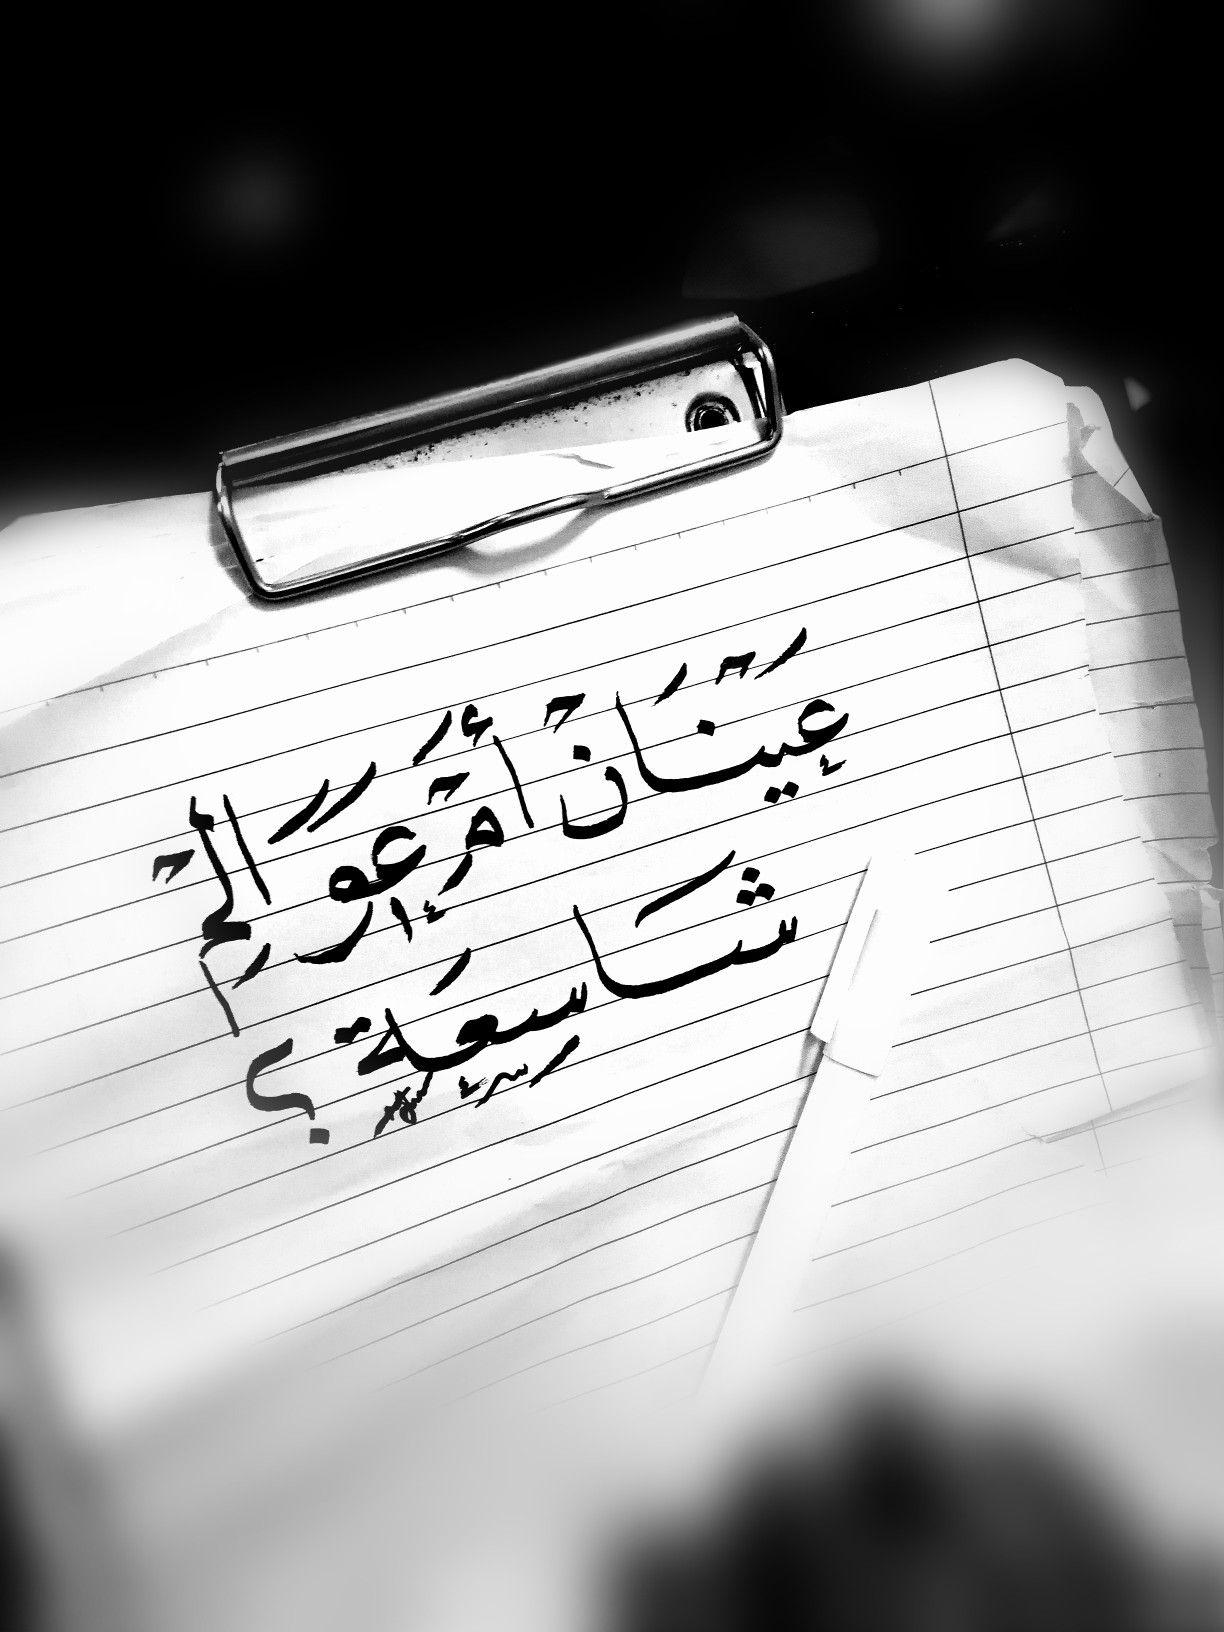 عينان ام عوالم شاسعة Handwriting